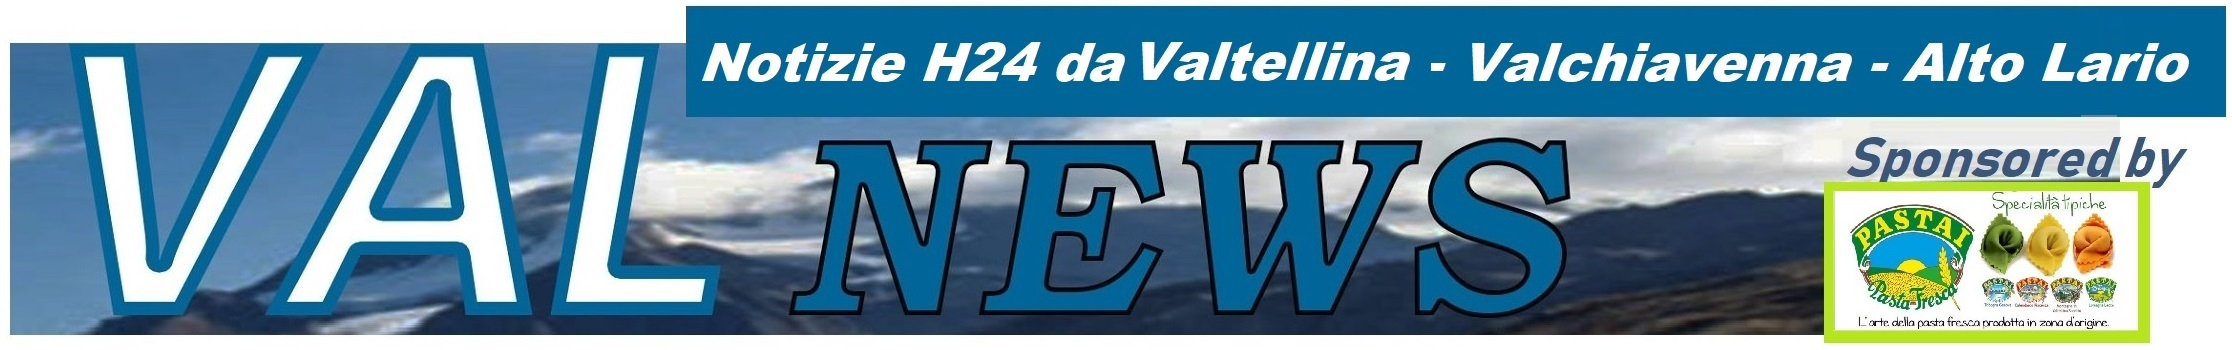 VAL news - Notizie dalla Valtellina, Valchiavenna e Alto Lario